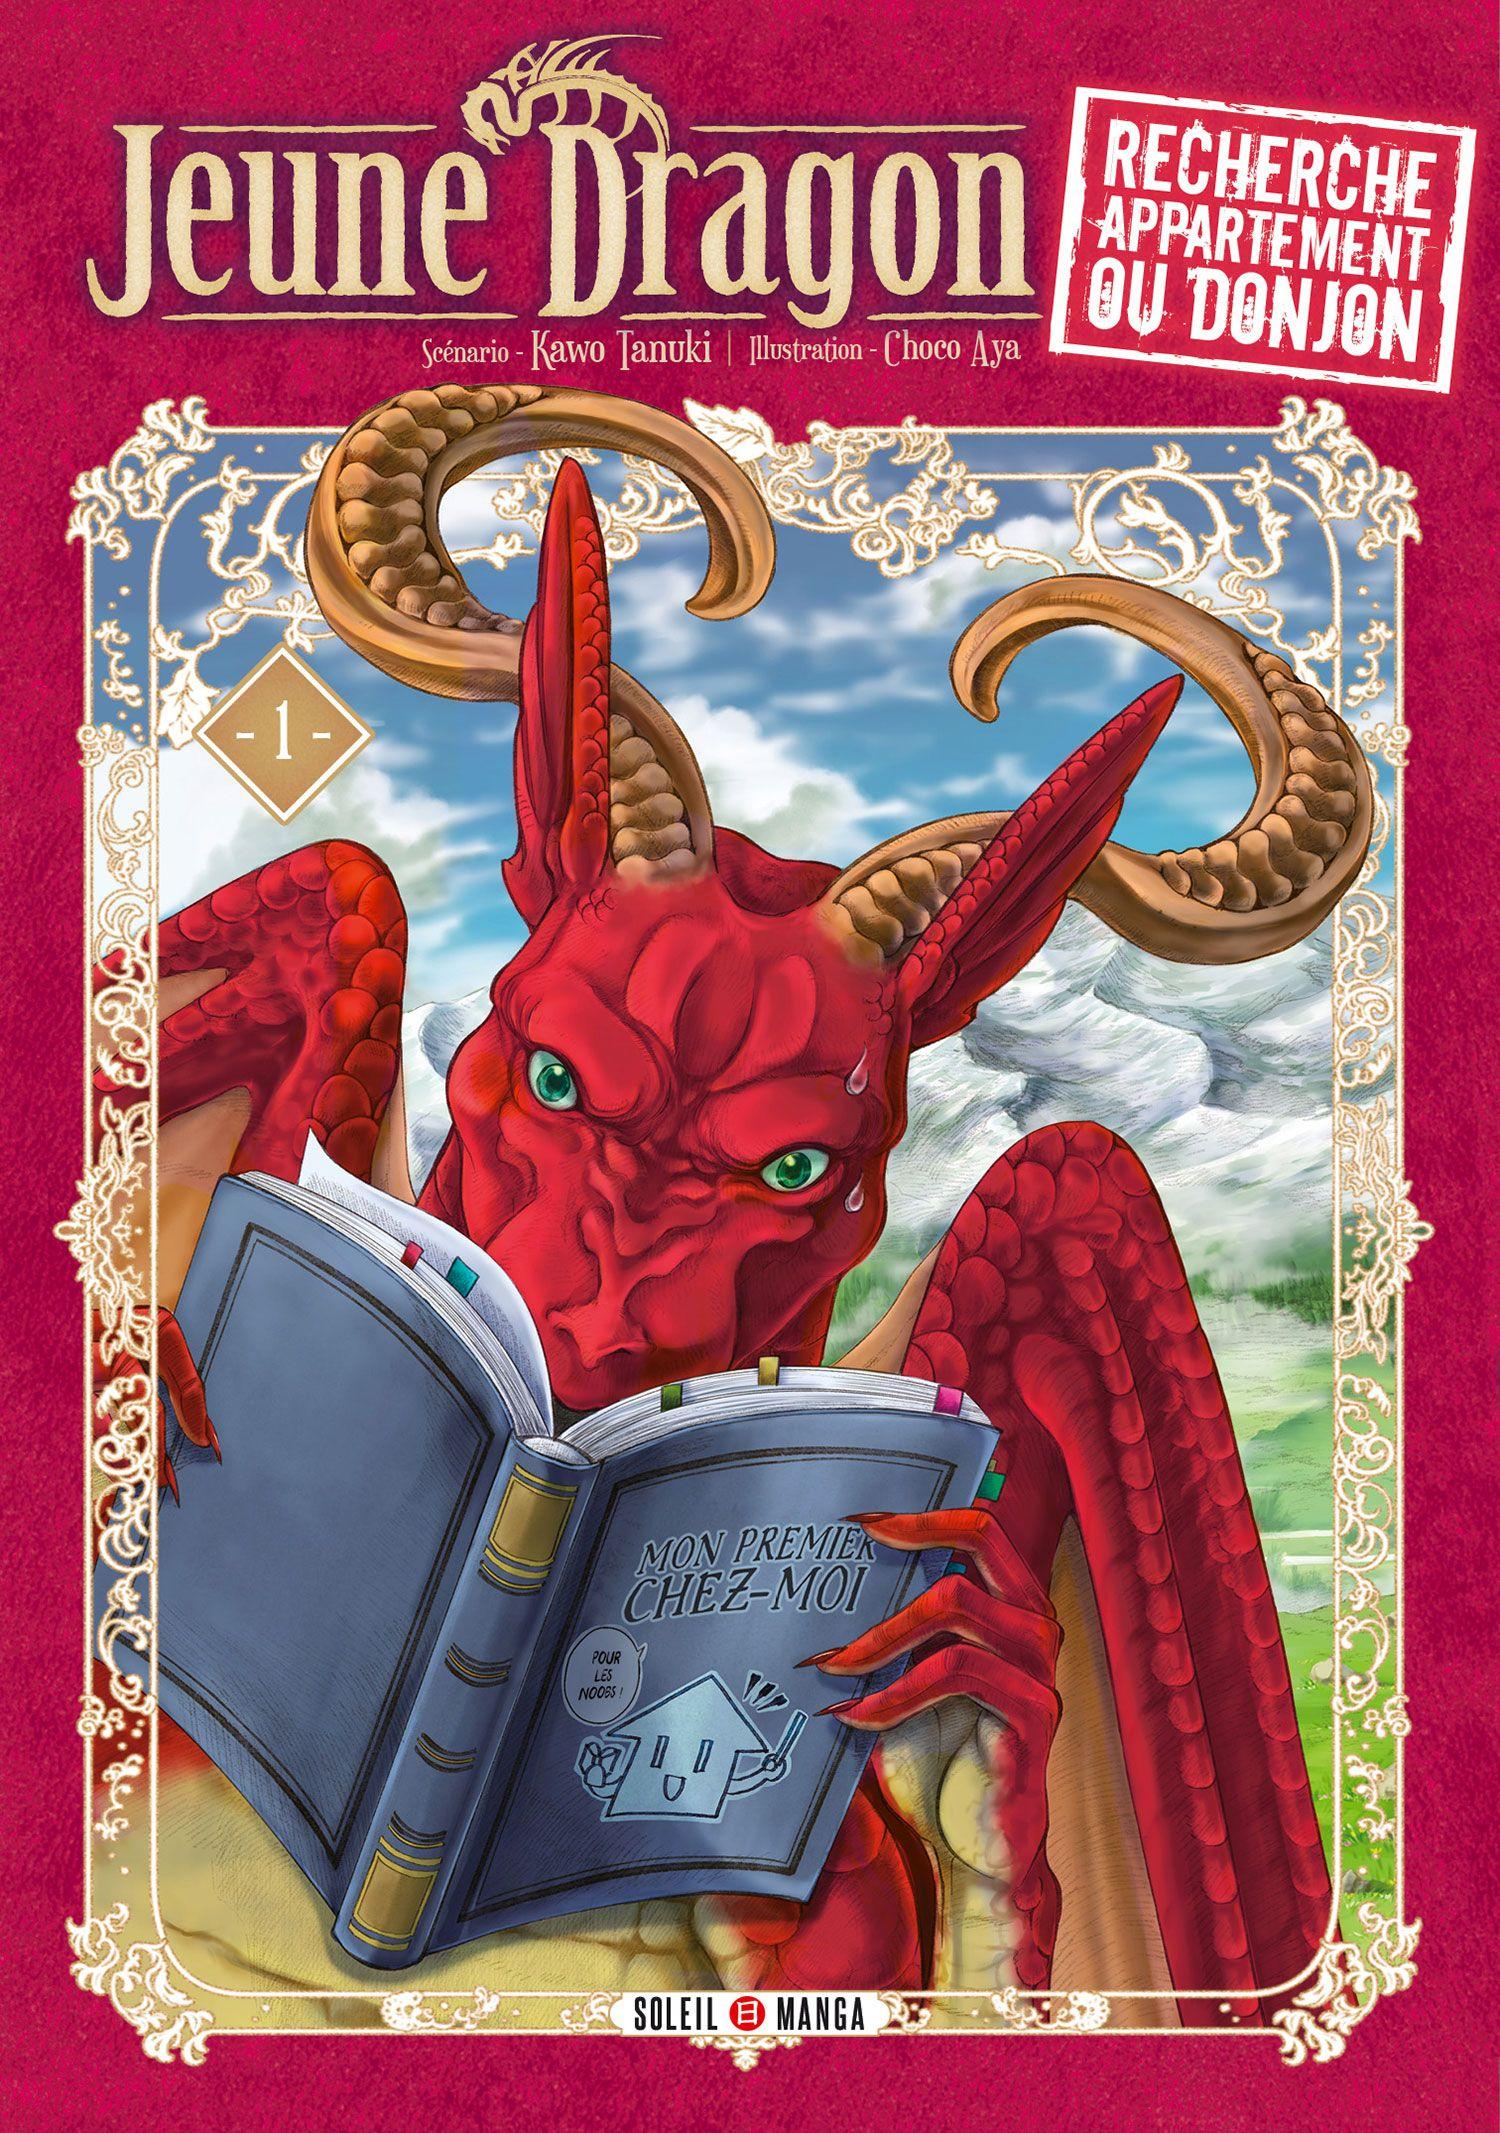 Manga - Manhwa - Jeune dragon recherche appartement ou donjon Vol.1